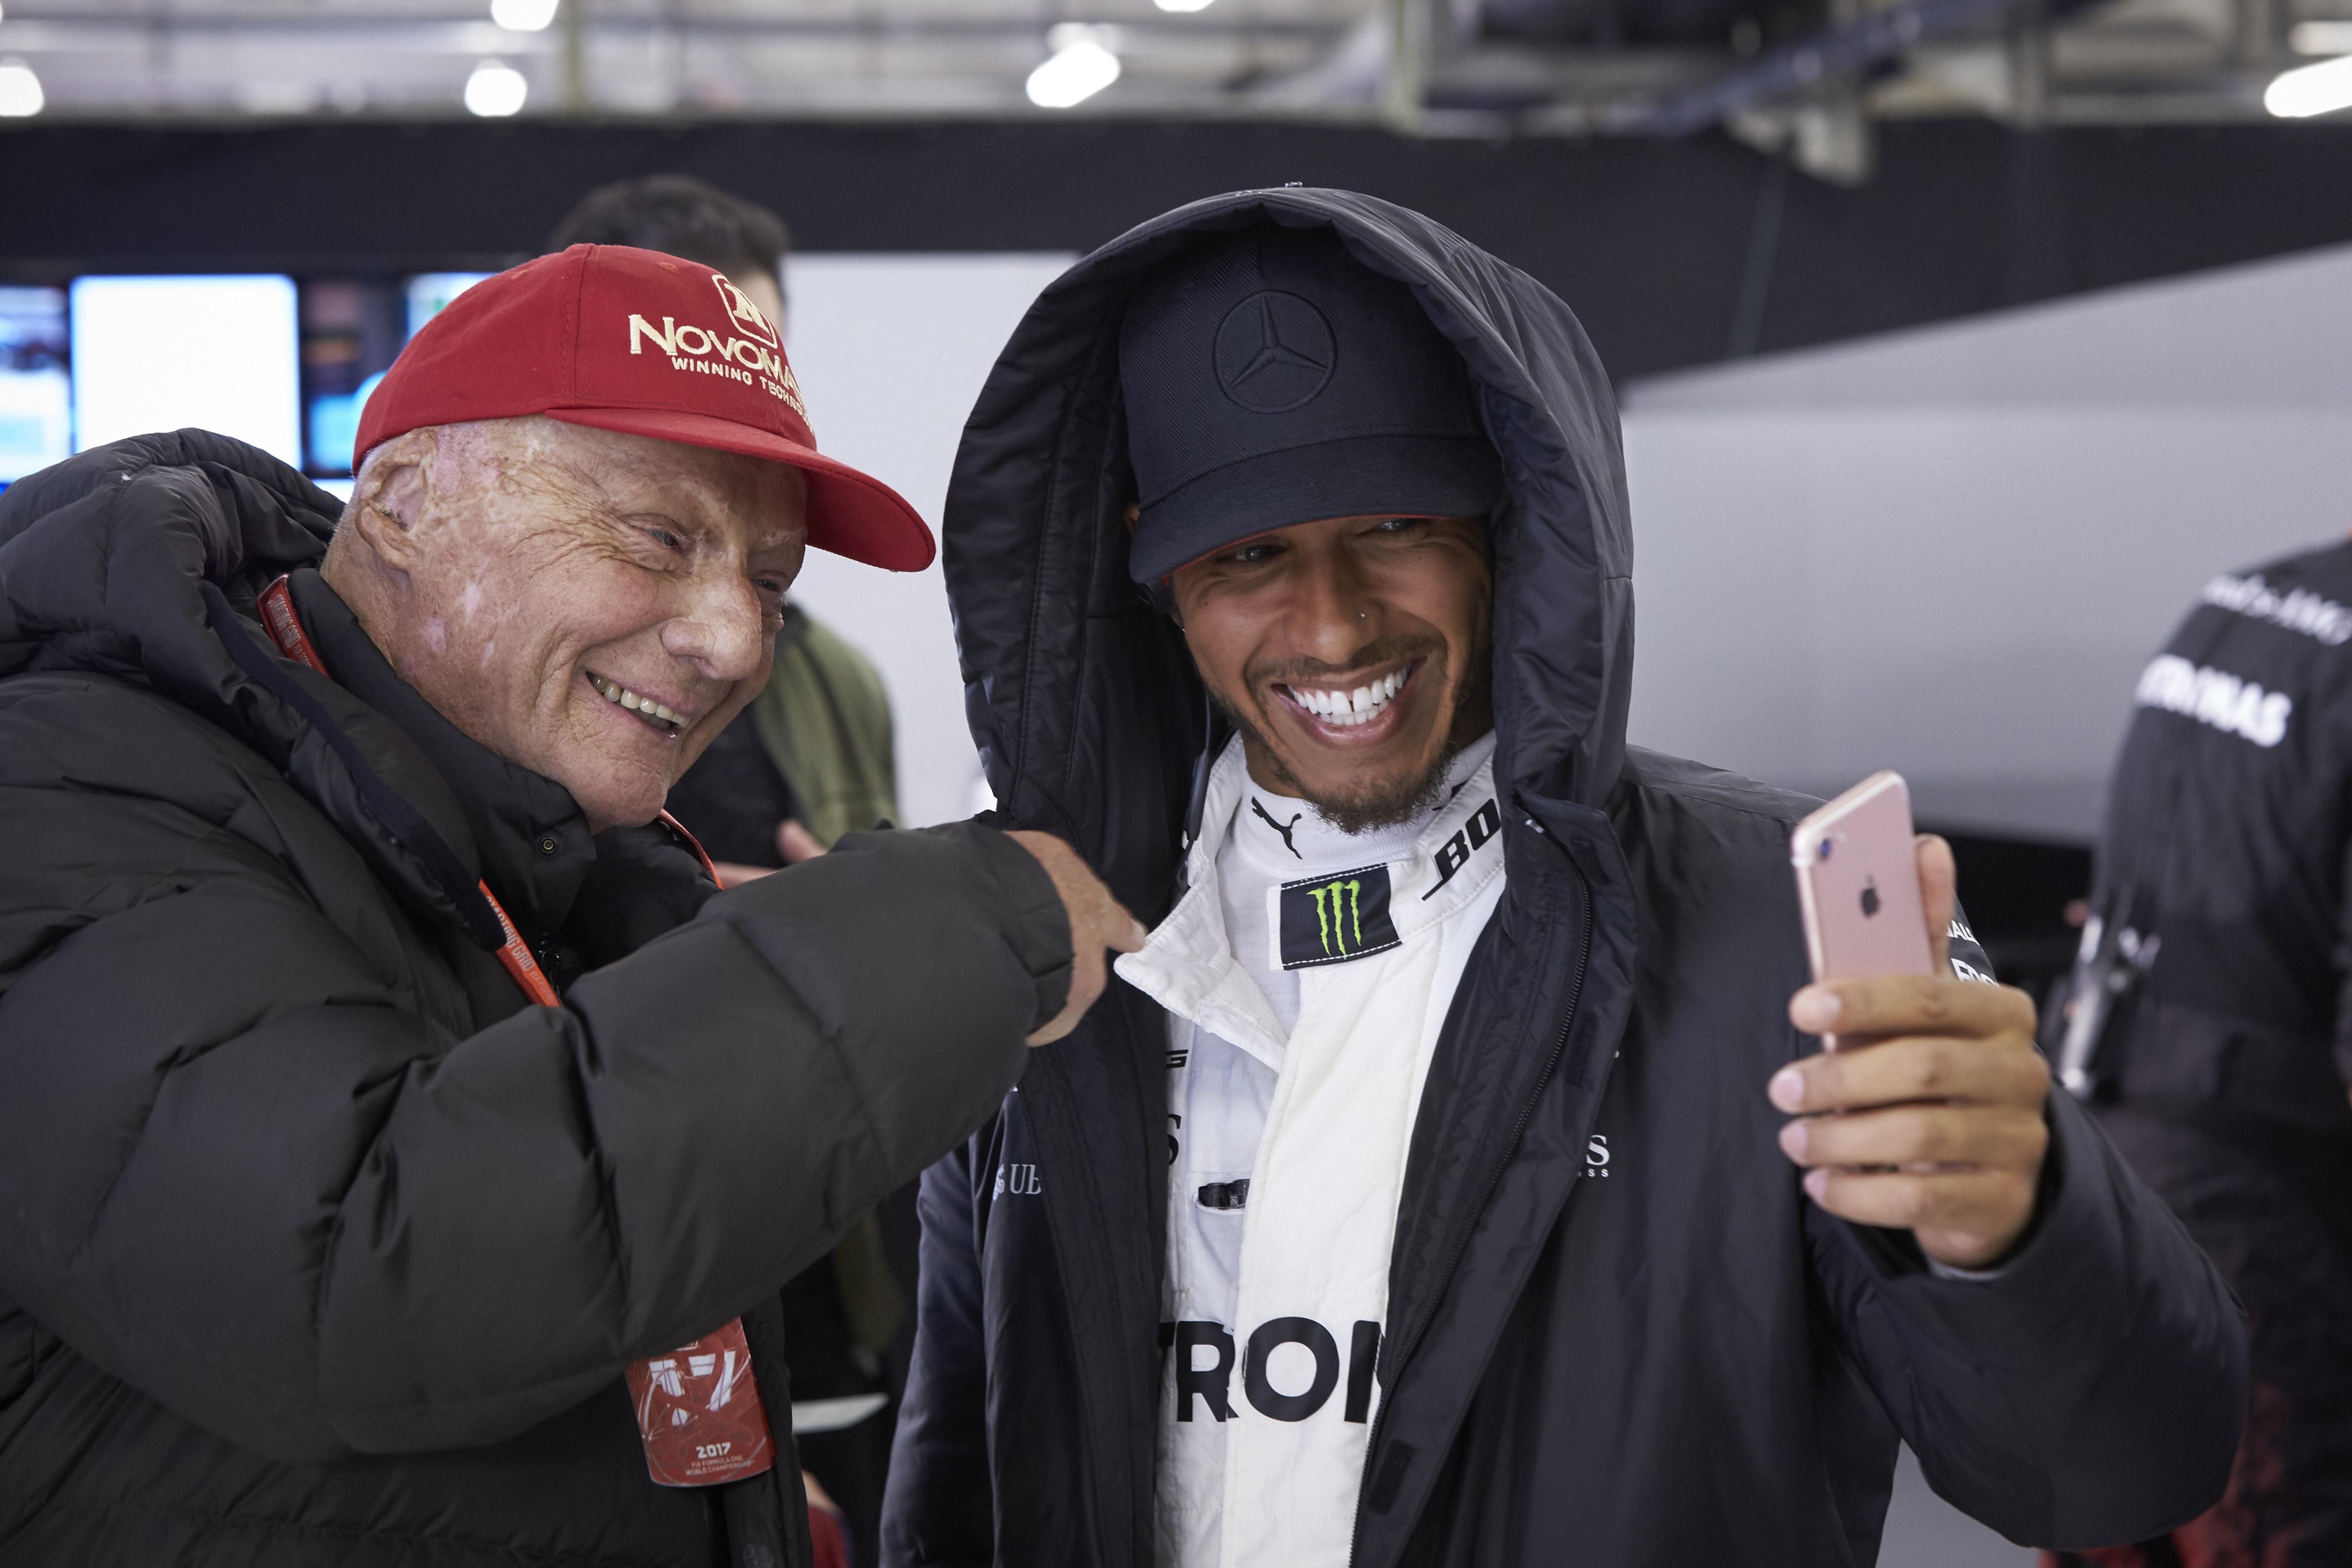 2017 Chinese Grand Prix, Sunday Steve Etherington